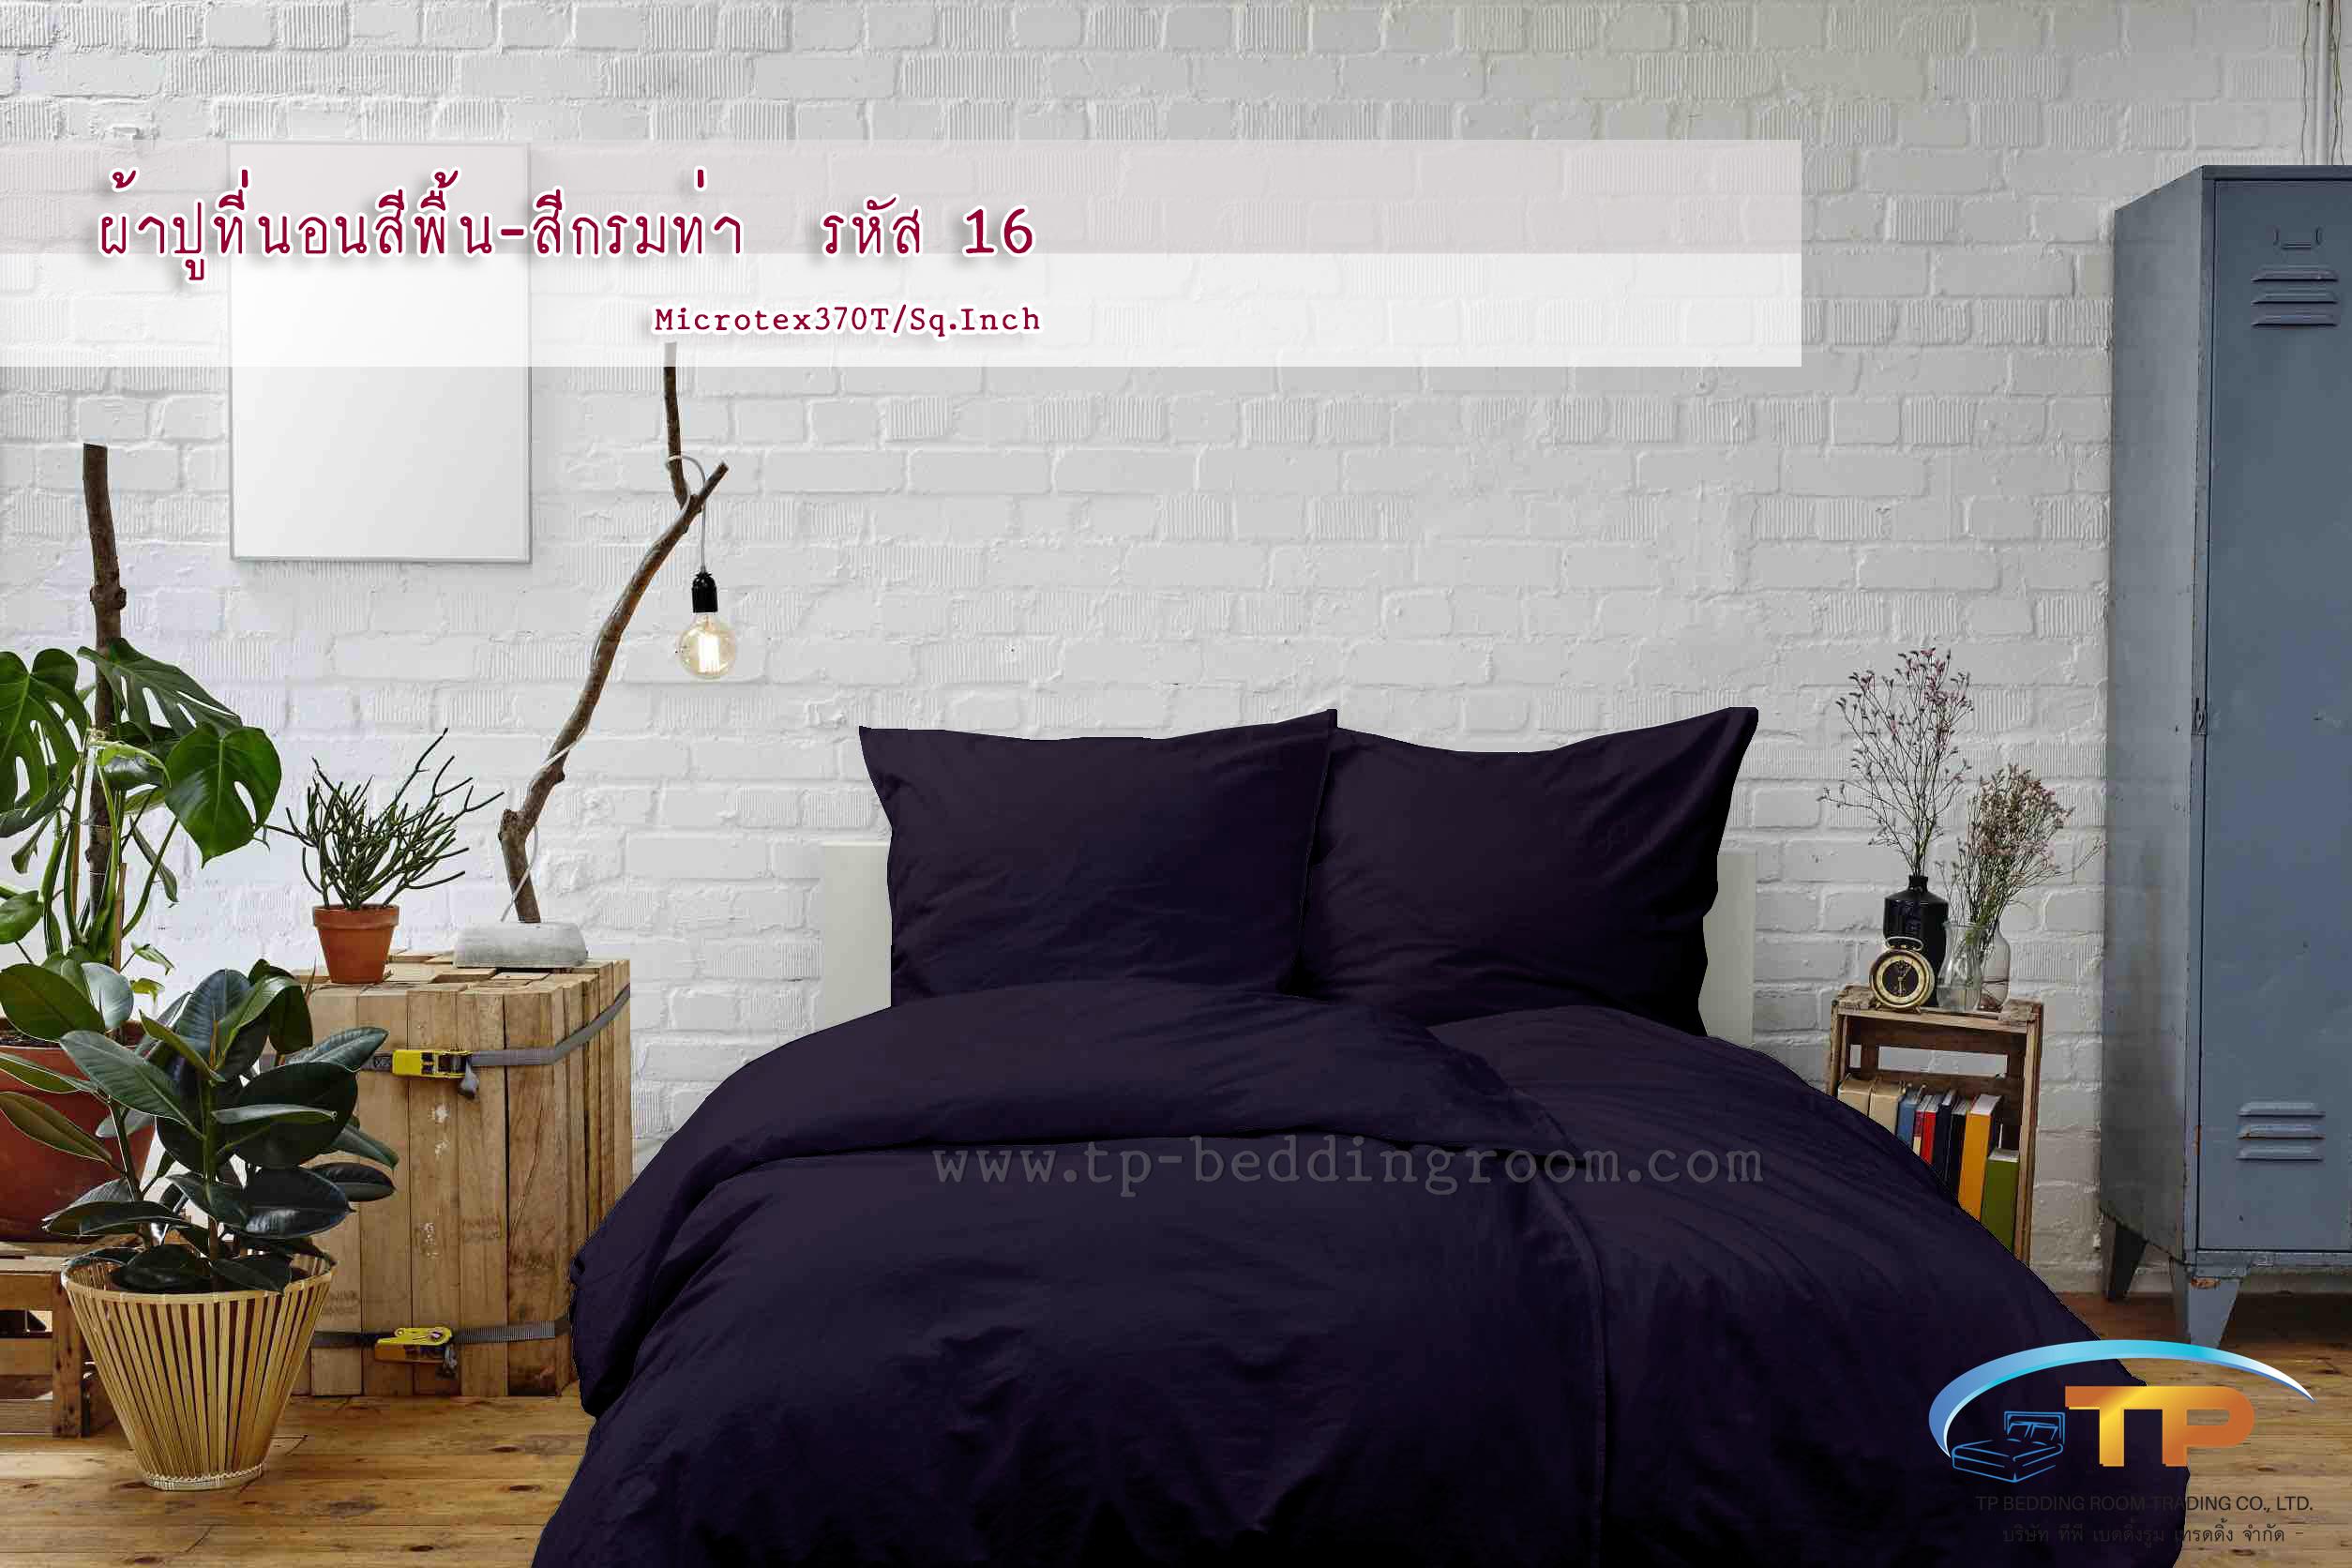 ผ้าปูที่นอนสีกรมท่า รหัส 16